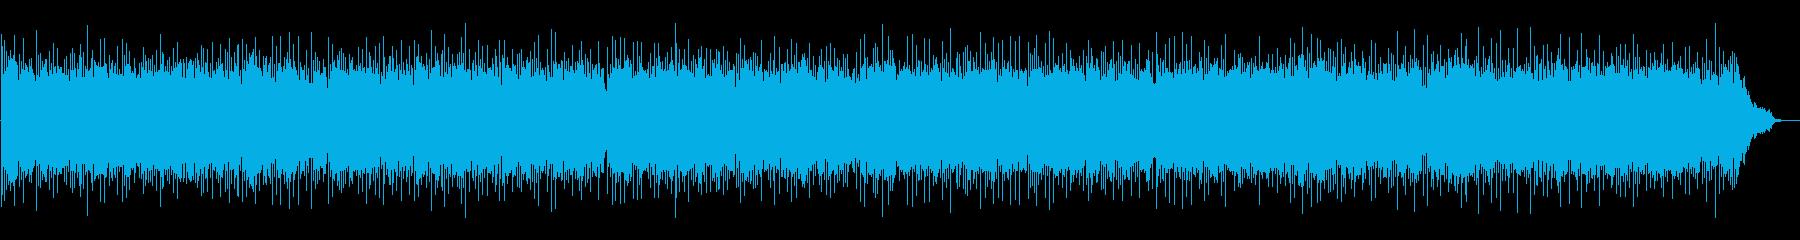 怪しい雰囲気のポップの再生済みの波形